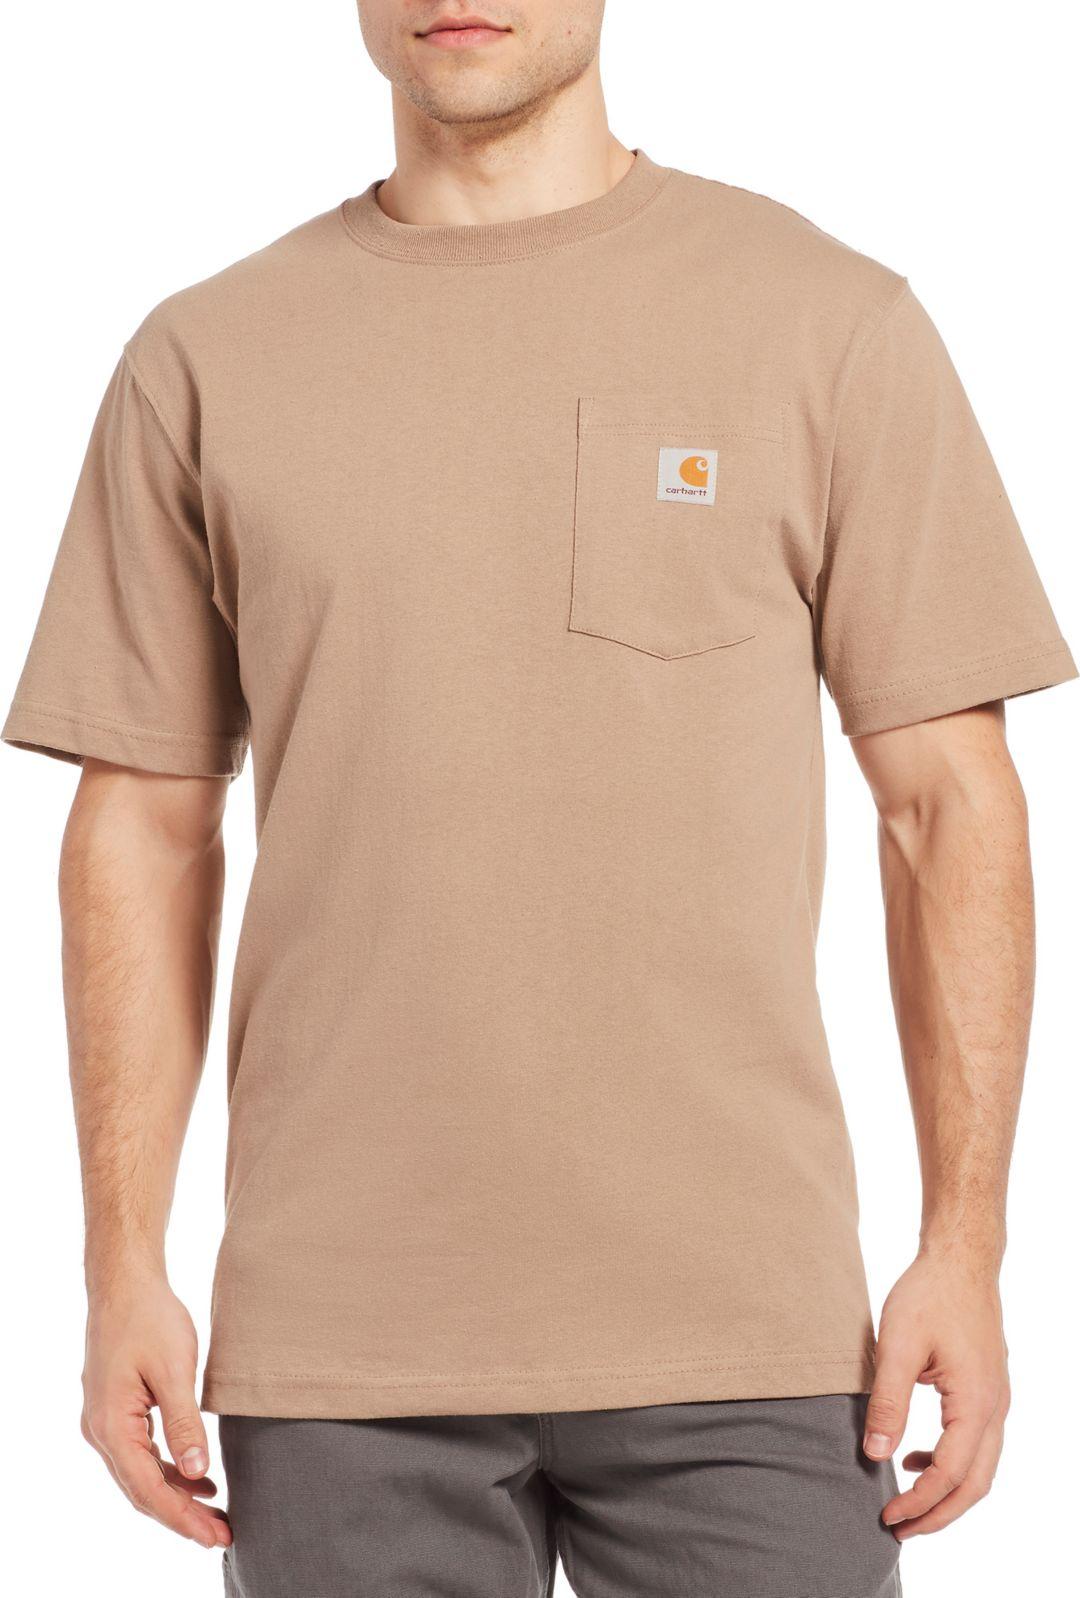 0d4cf49f94a6 Carhartt Men's Workwear T-Shirt | DICK'S Sporting Goods